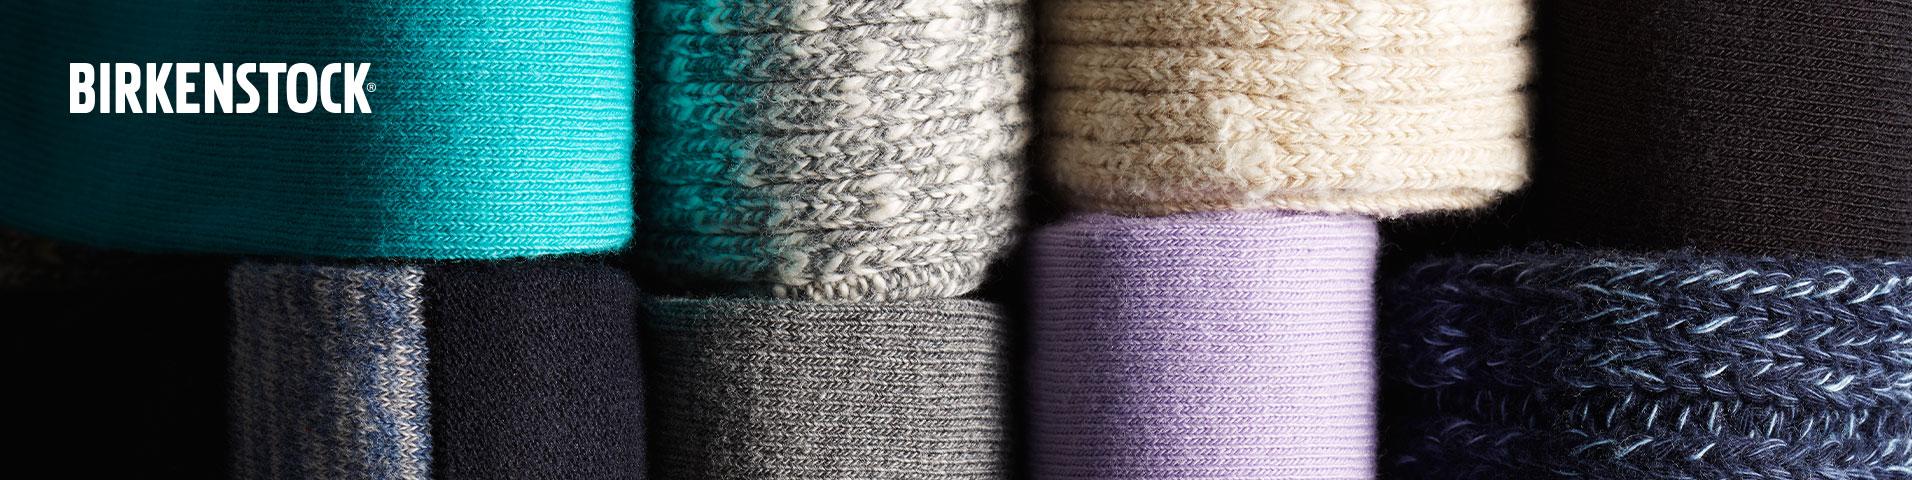 Birkenstock Socken online entdecken | Die Basis für unsere